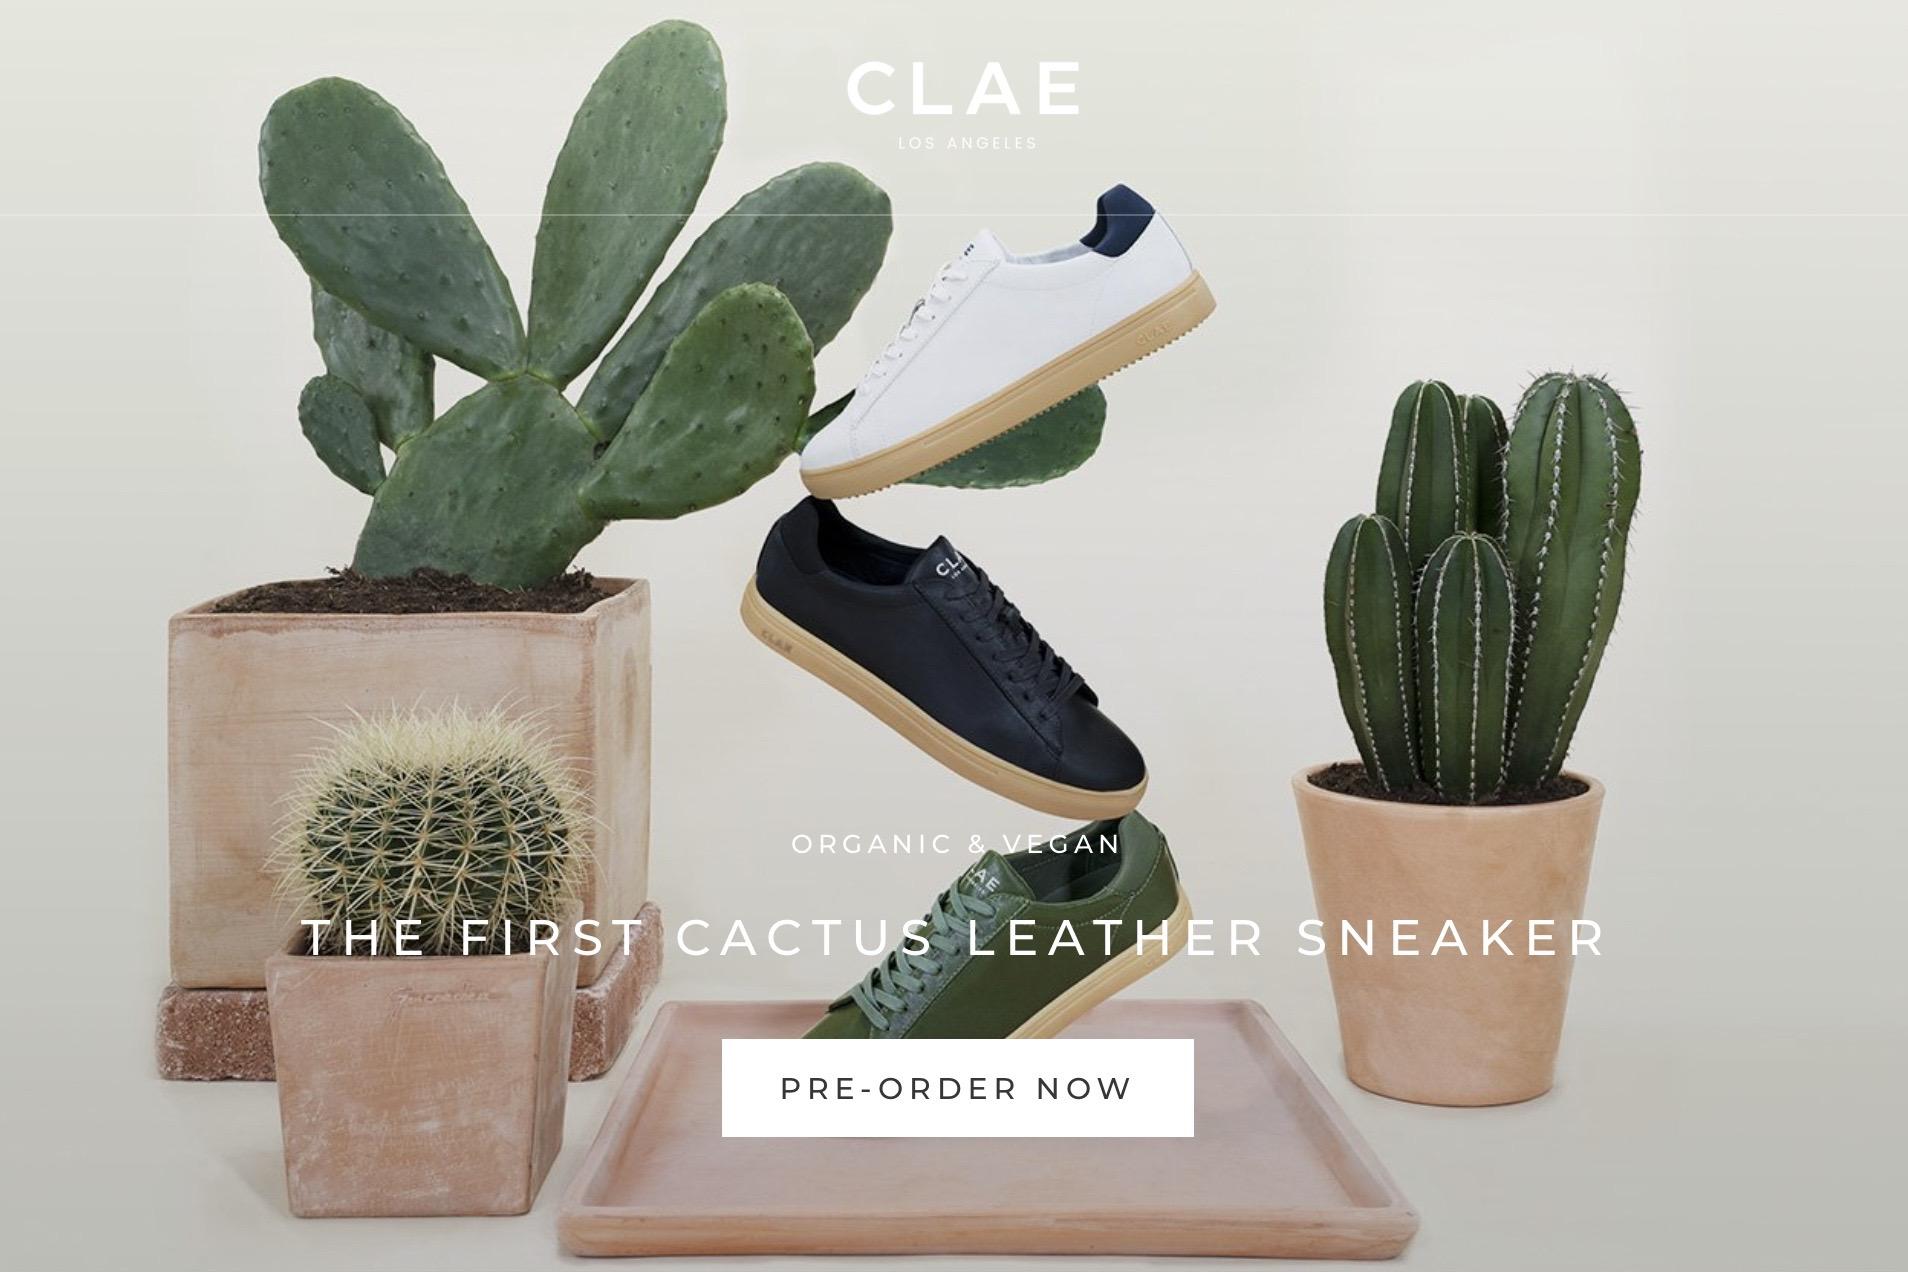 """洛杉矶运动鞋品牌 Clae 推出首款仙人掌材质的""""皮革""""运动鞋"""